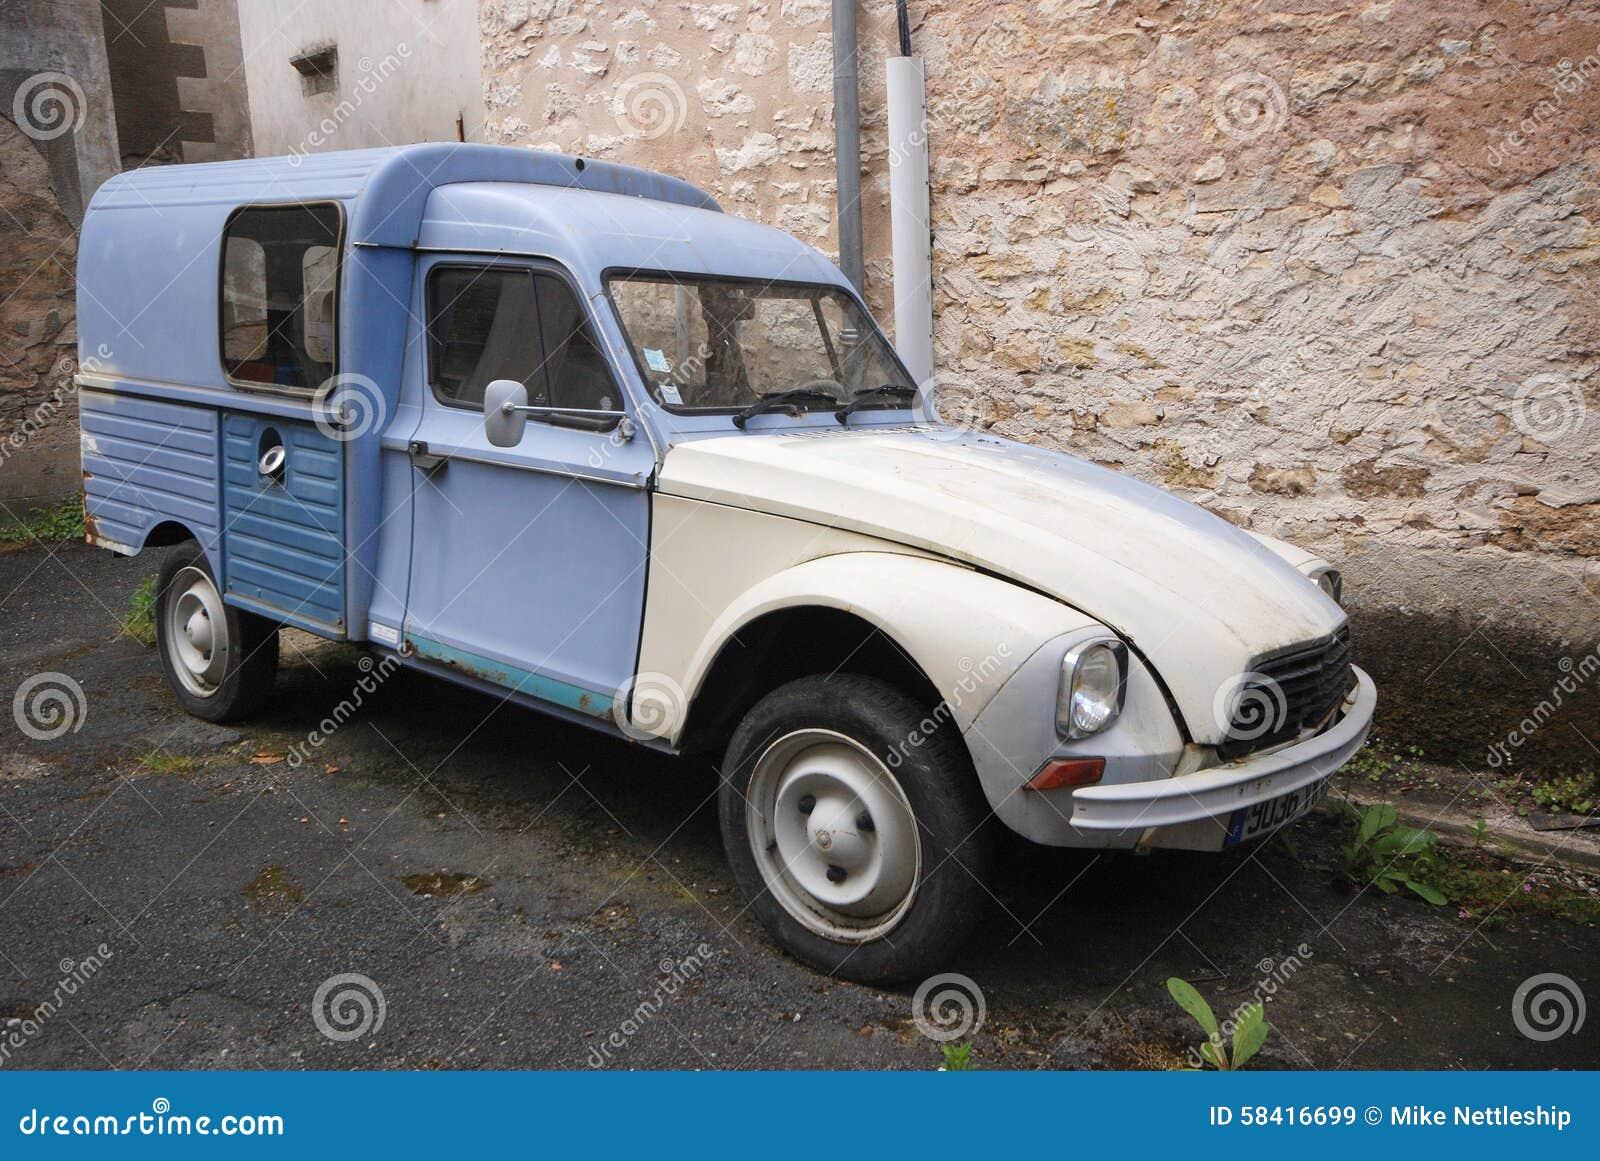 une vieille voiture de citroen image stock image 58416699. Black Bedroom Furniture Sets. Home Design Ideas